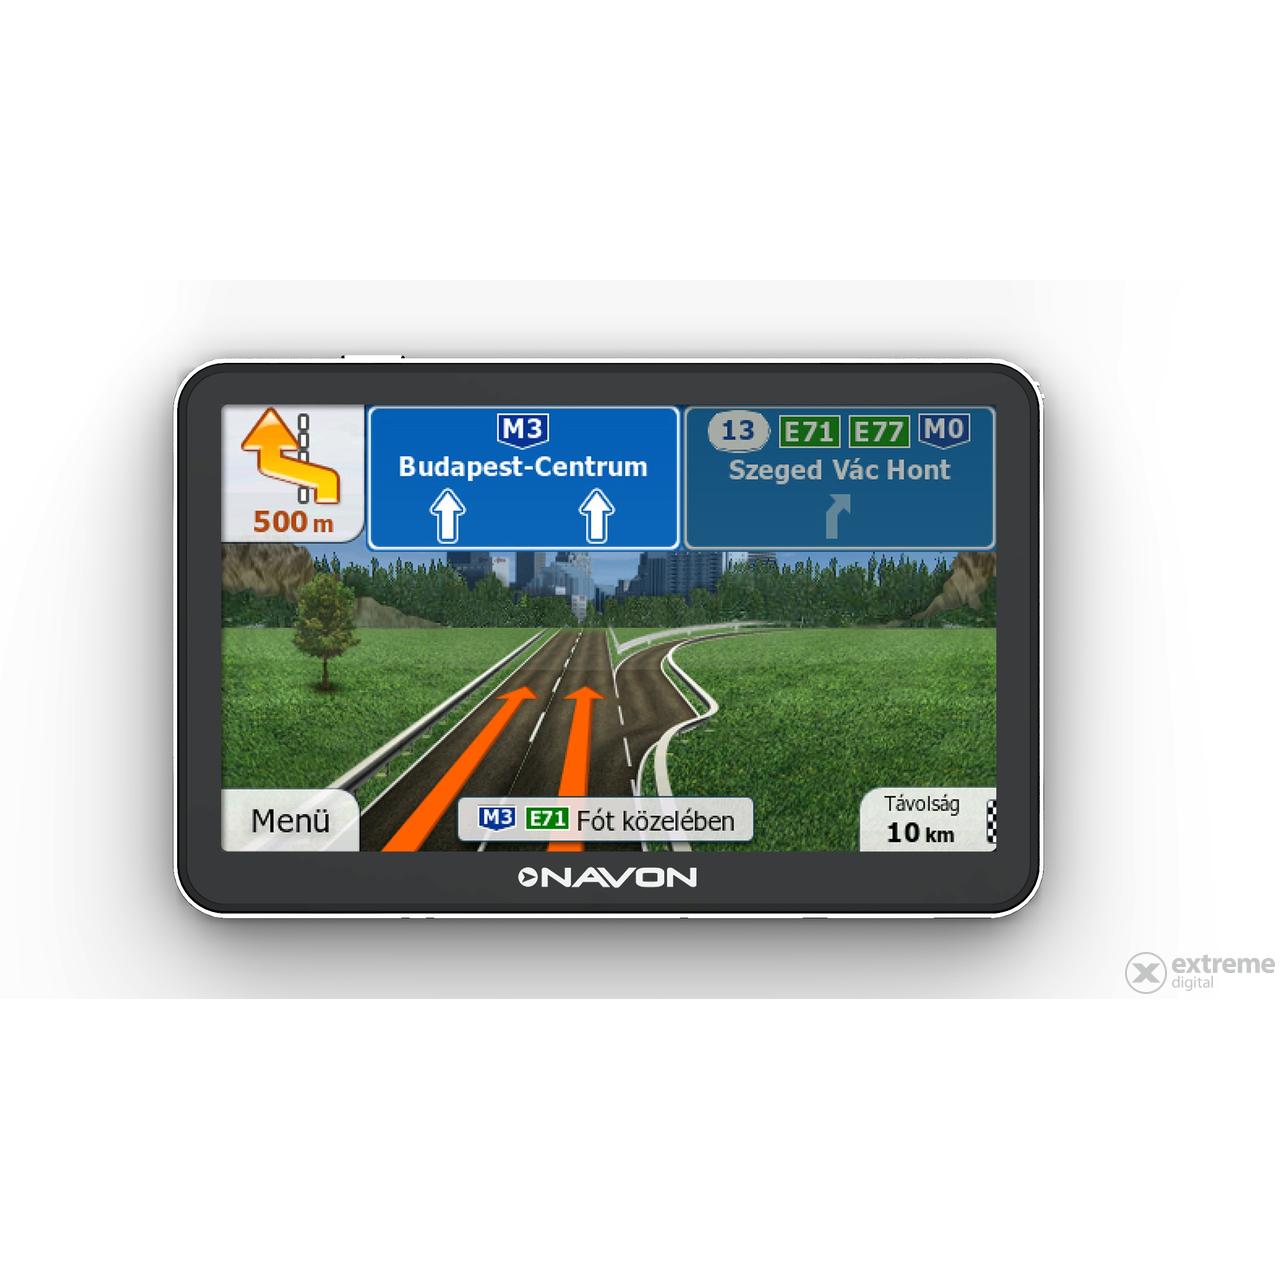 európa térkép letöltés gps re Navon N670 Plus navigáció + iGO Primo Teljes Európa térkép (45  európa térkép letöltés gps re